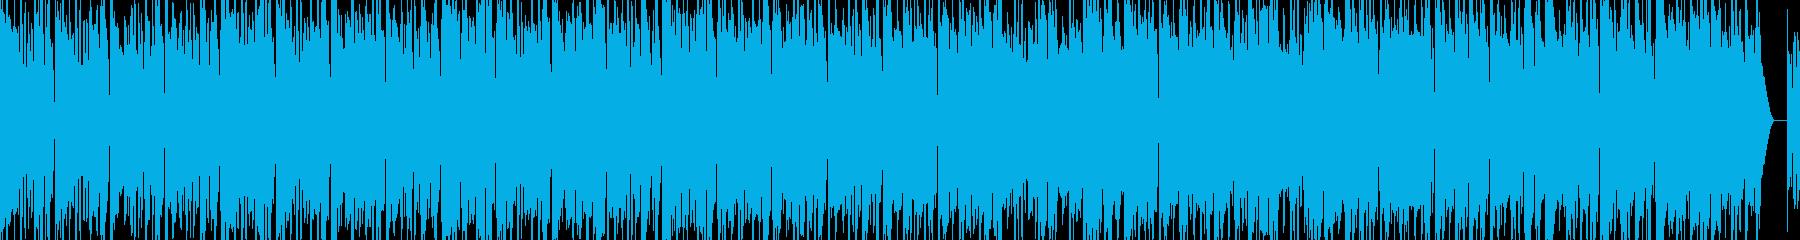 夏のドライブで80年代風POPSの再生済みの波形